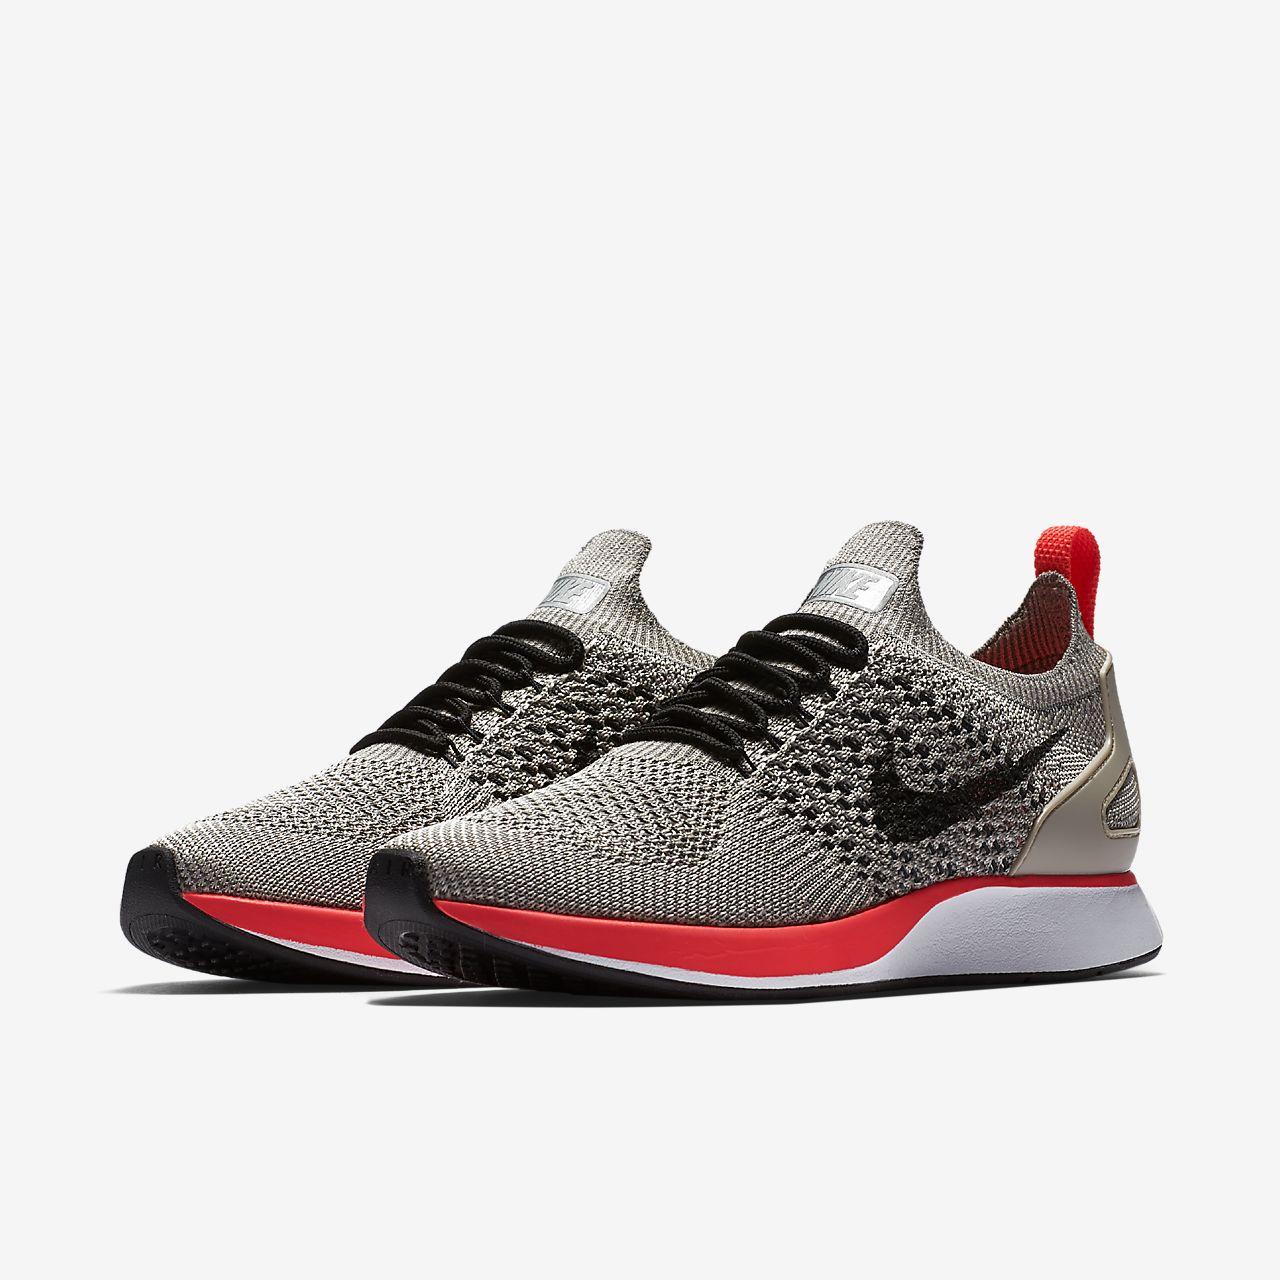 Nike AIR ZOOM MARIAH FLYKNIT RACER Noir / Or KjbLh4i1i